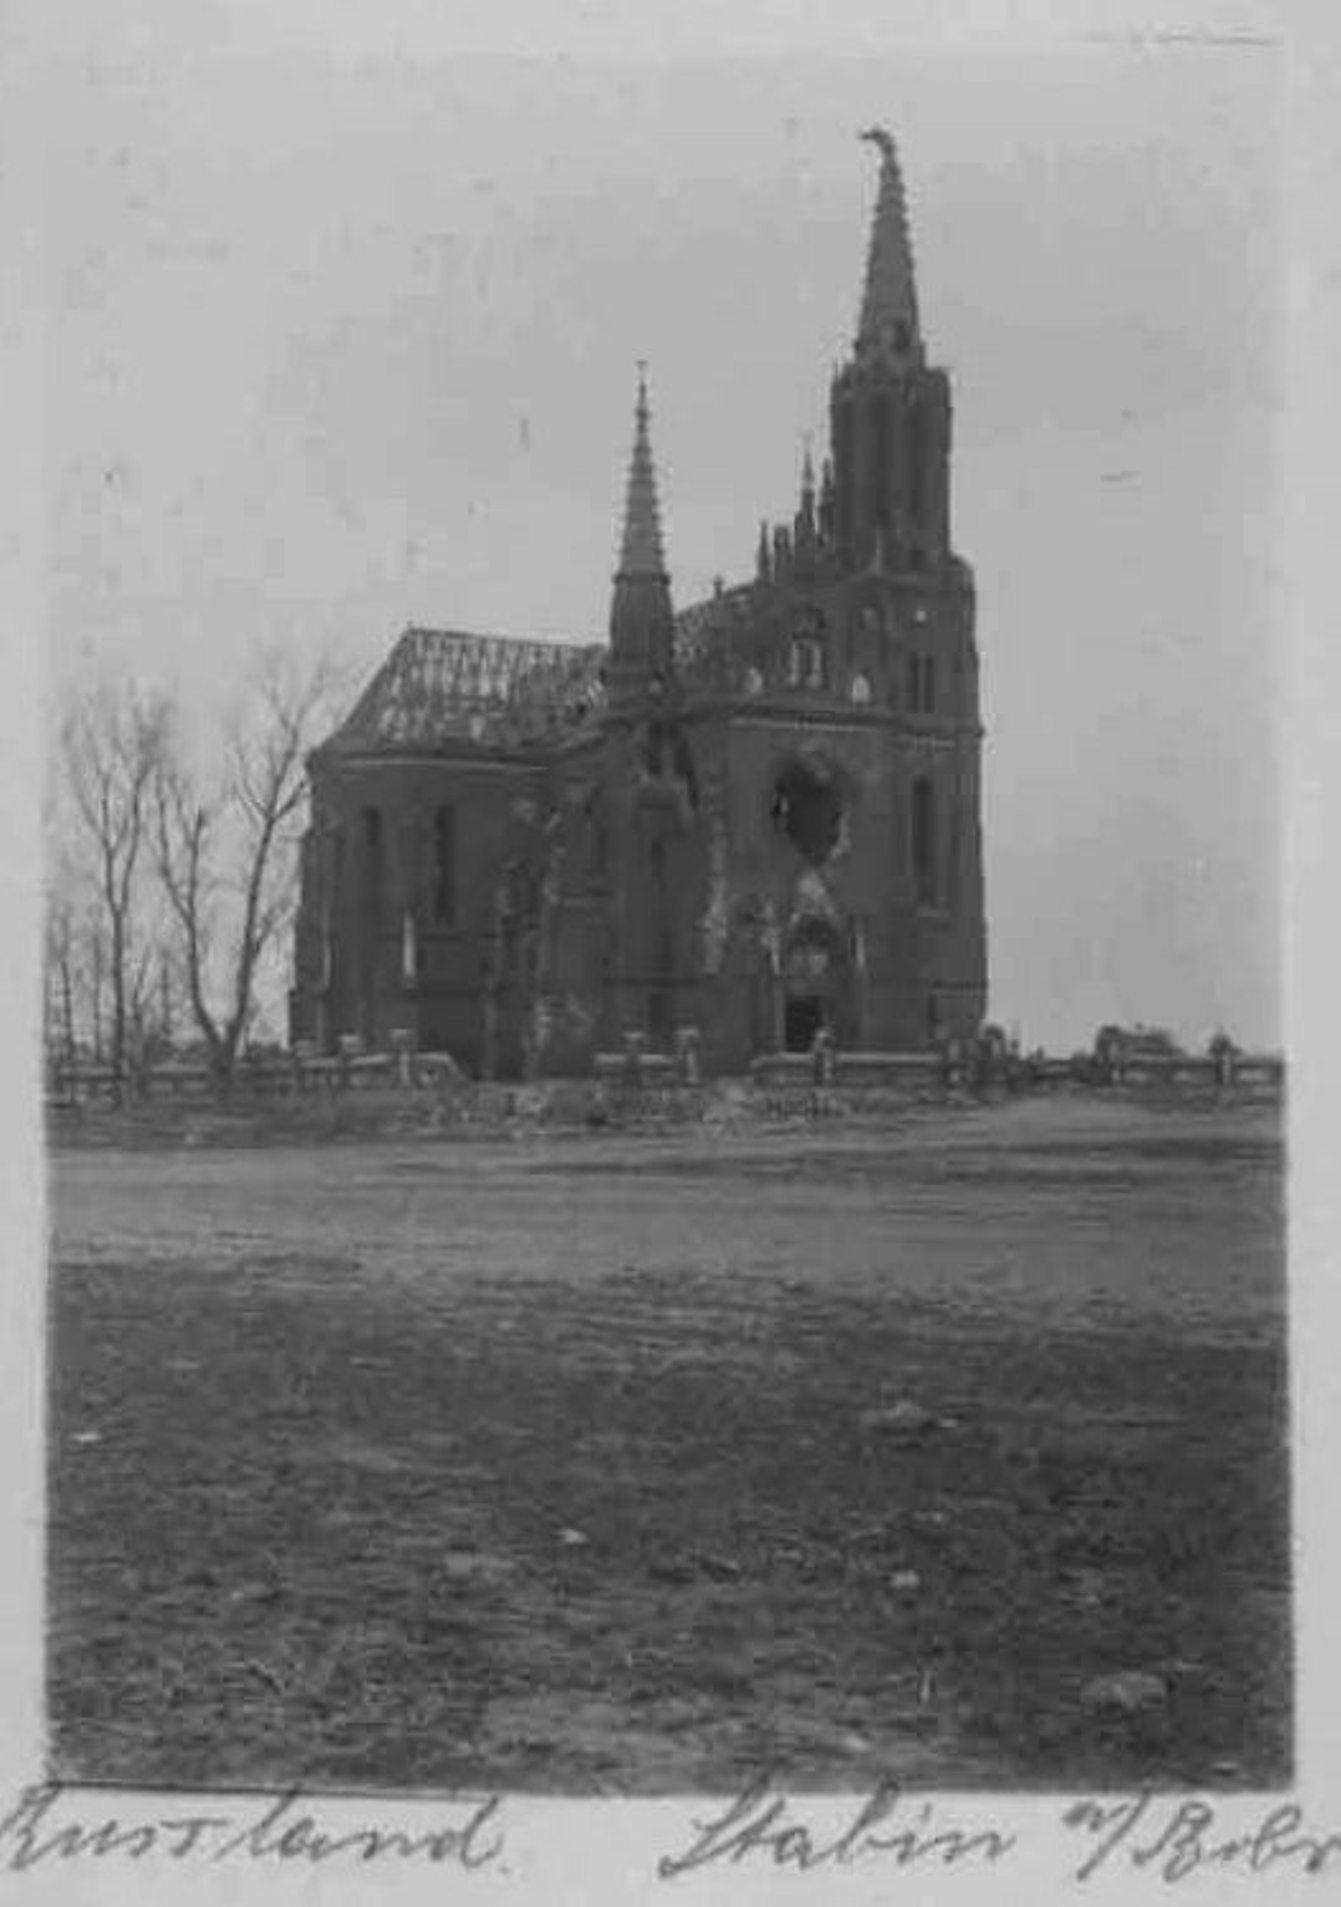 Zniszczenia kościoła w Sztabinie odniesione podczas I Wojny Światowej. Rok 1915.